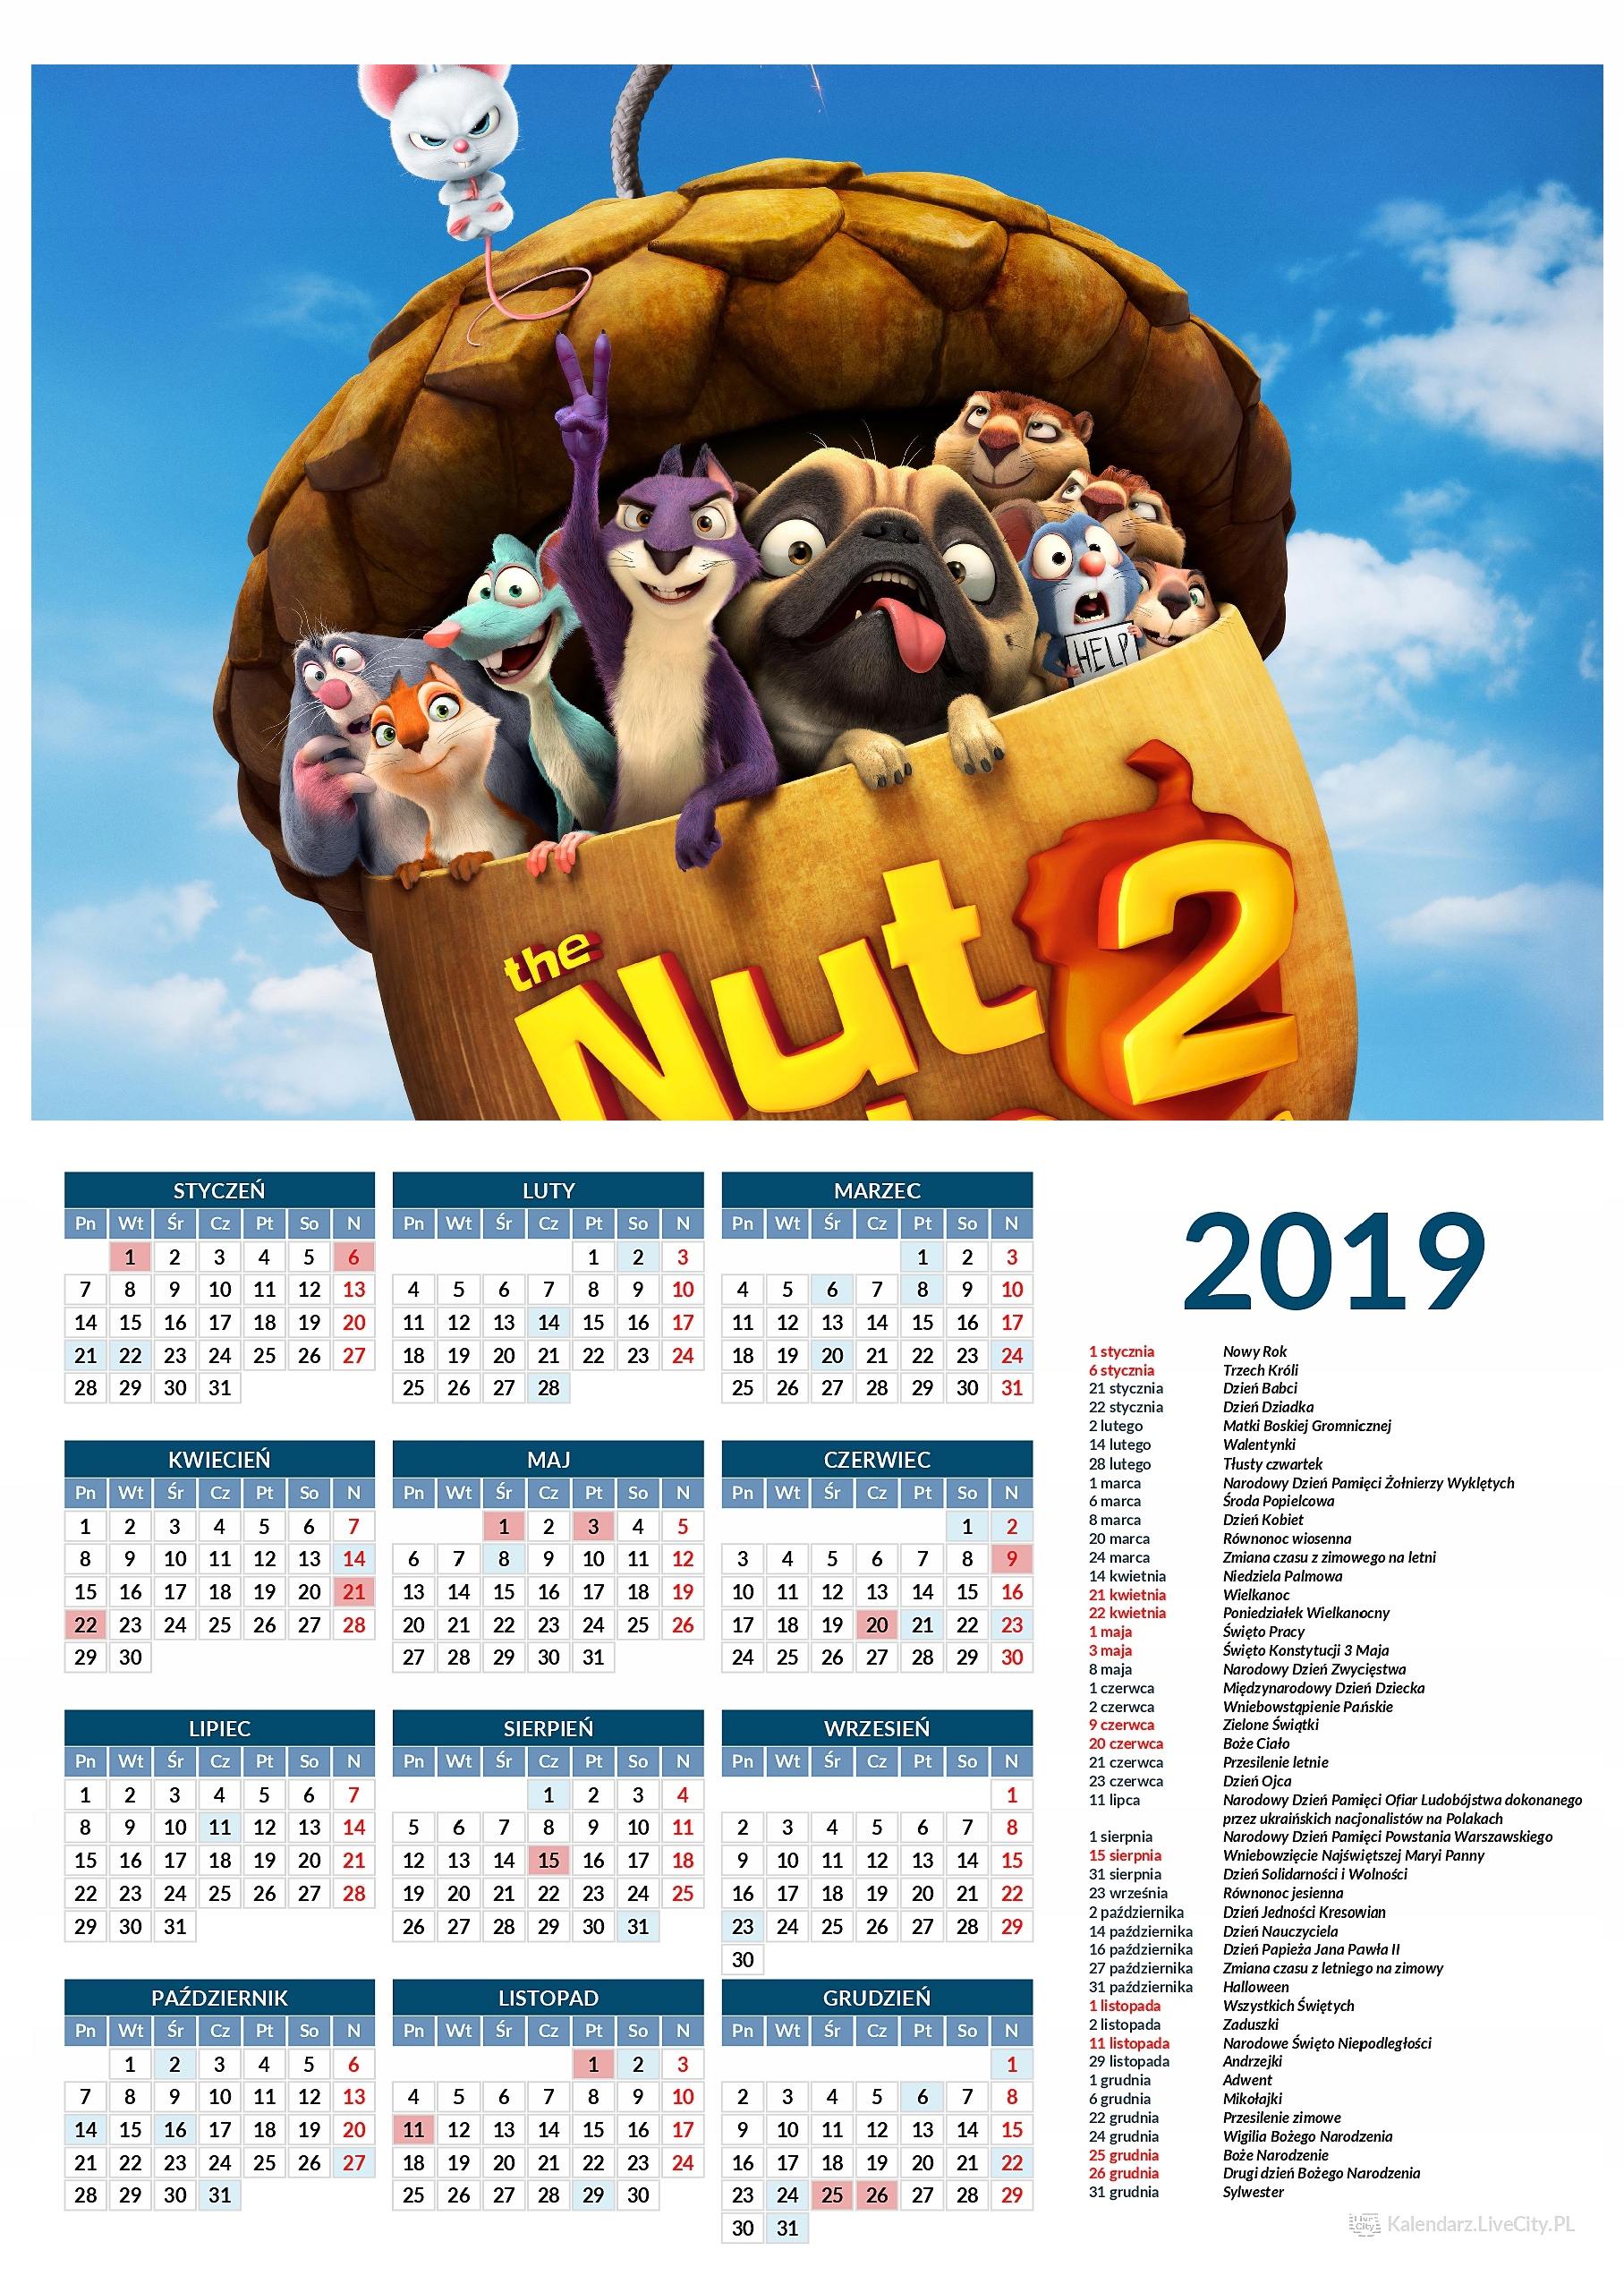 Kalendarz 2019 film gang wiewióra